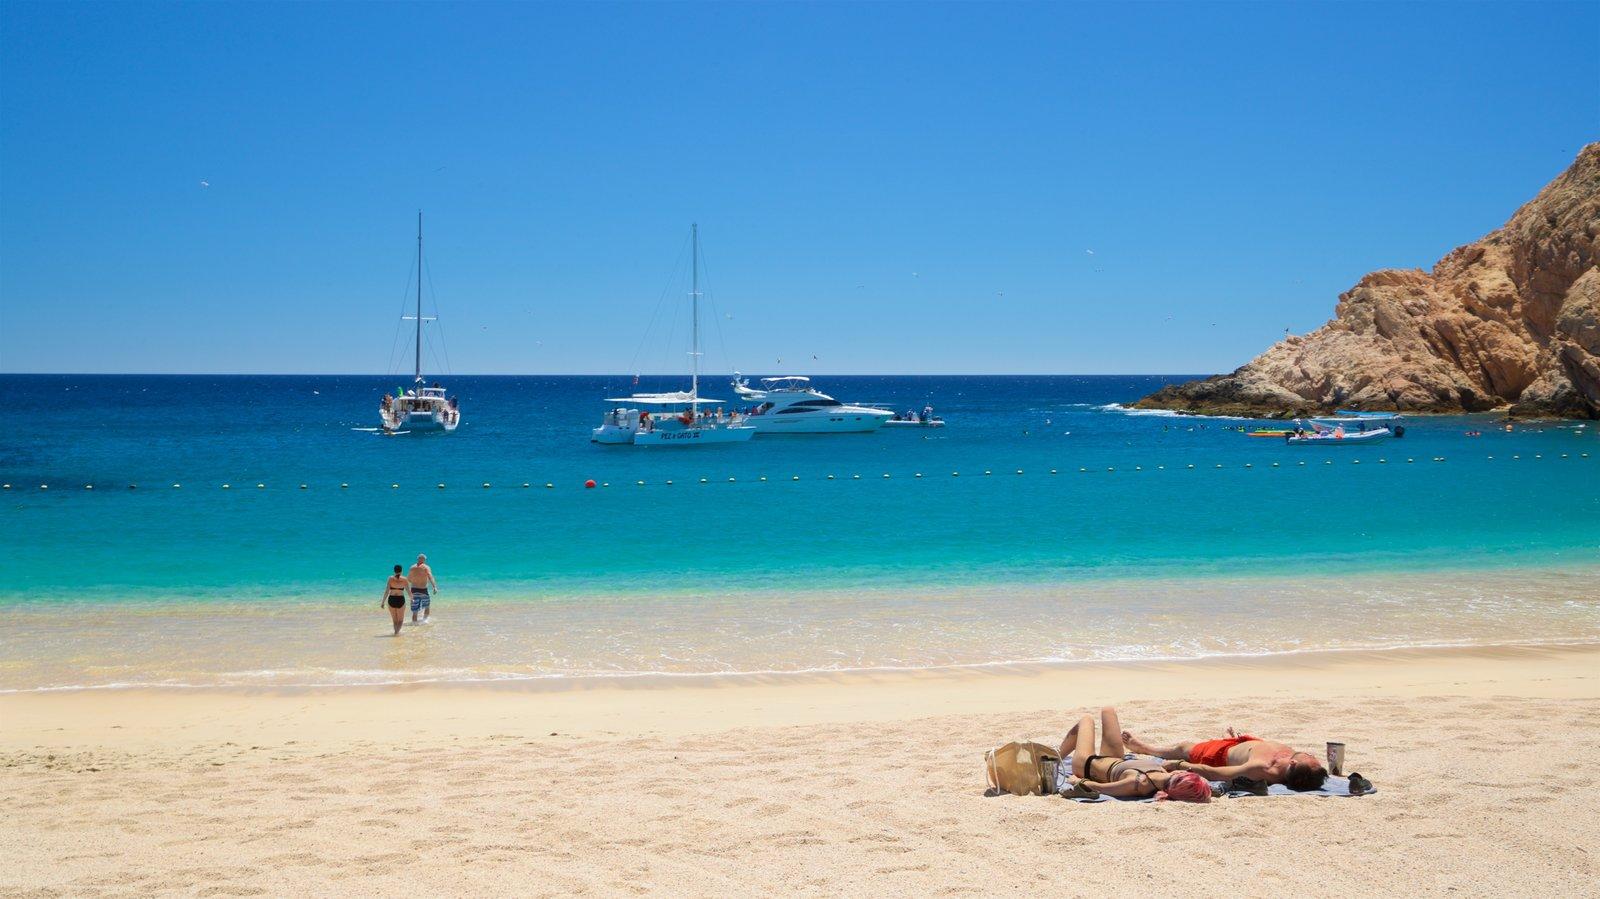 Santa Maria Beach featuring general coastal views and a sandy beach as well as a couple